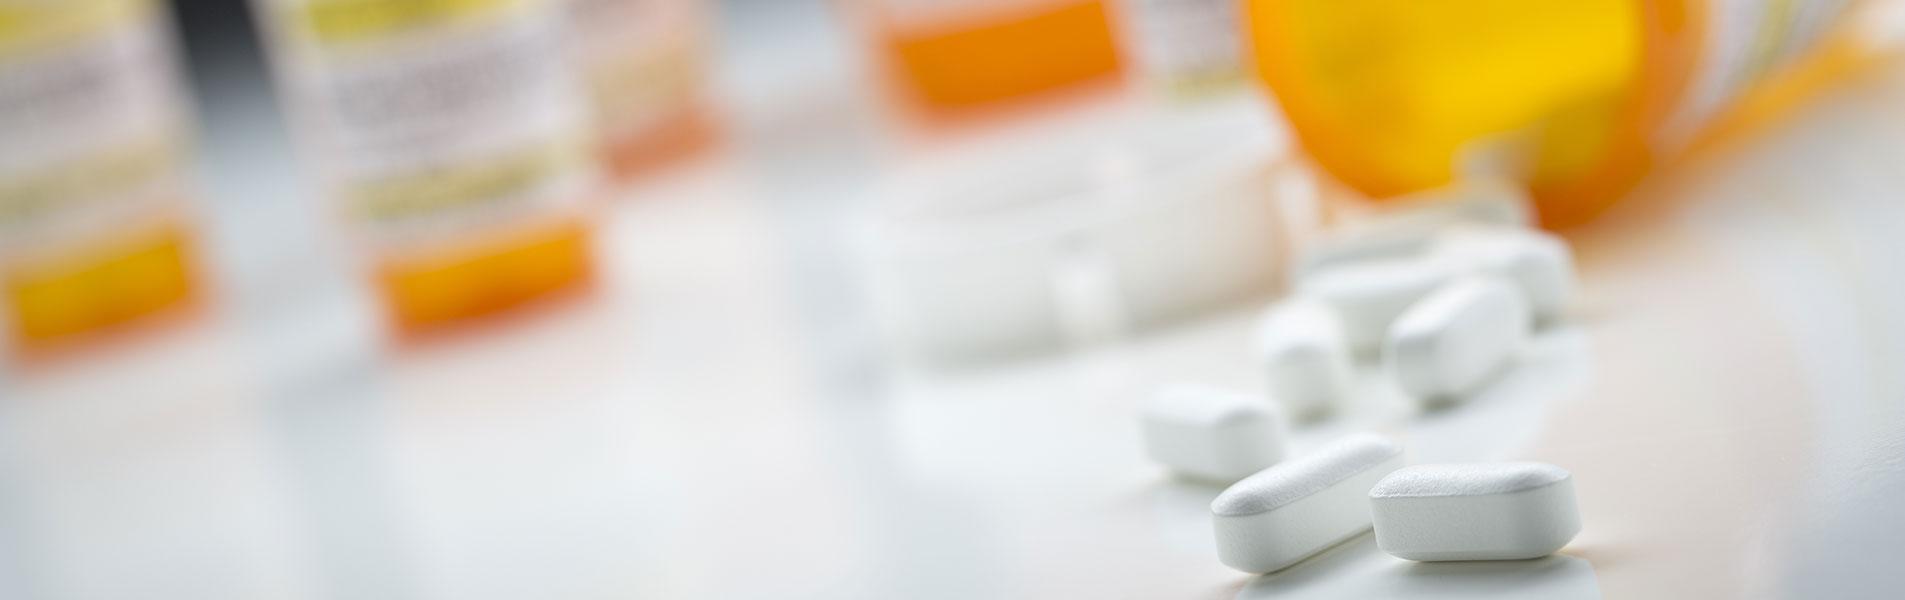 Pharmaceuticals _3_